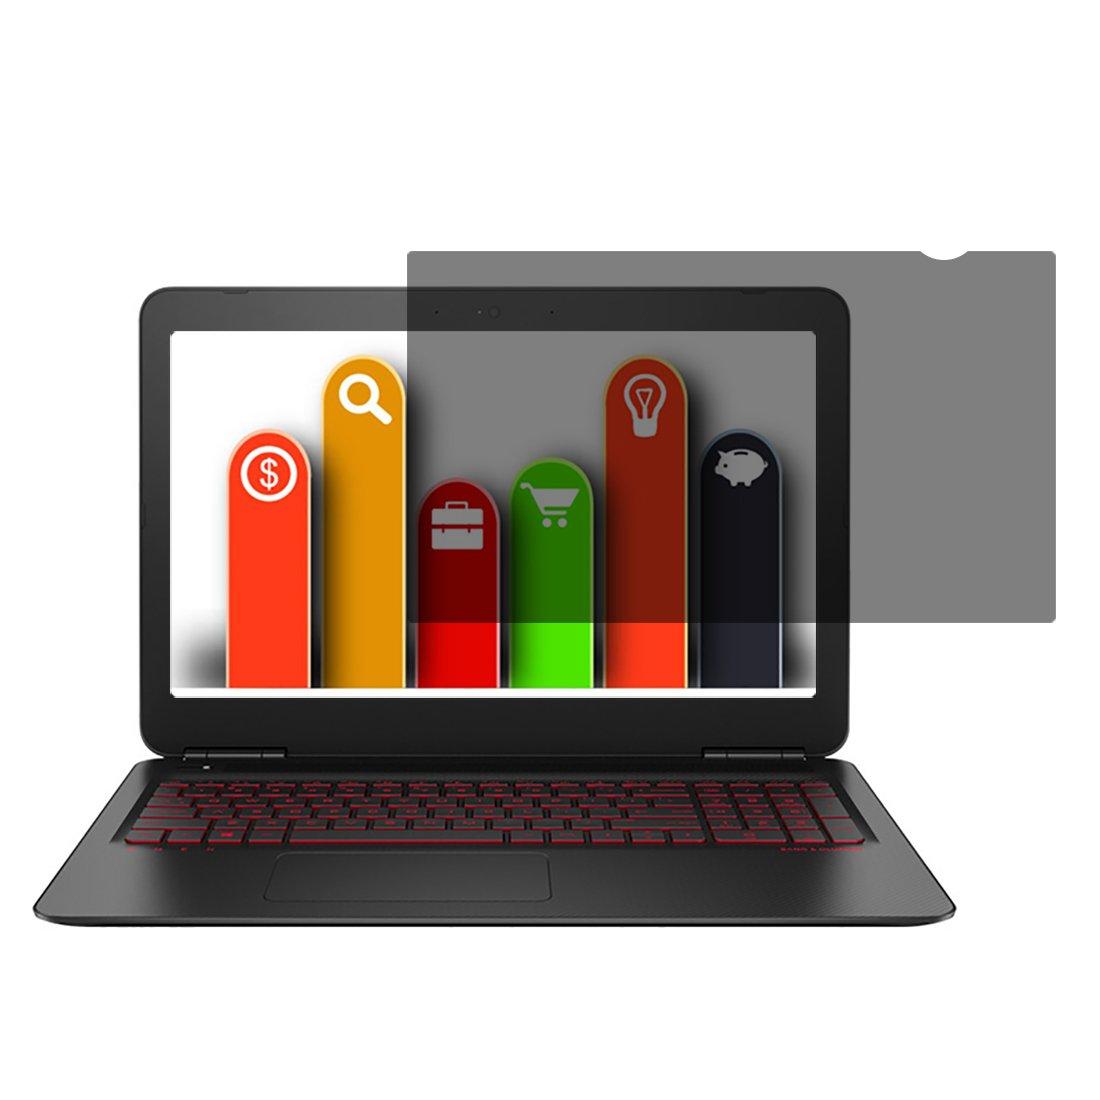 ラップトッププライバシースクリーンフィルター 15.6インチワイドスクリーン用 アスペクト比16:9 (RP156W9B)。 B072FQY8RQ